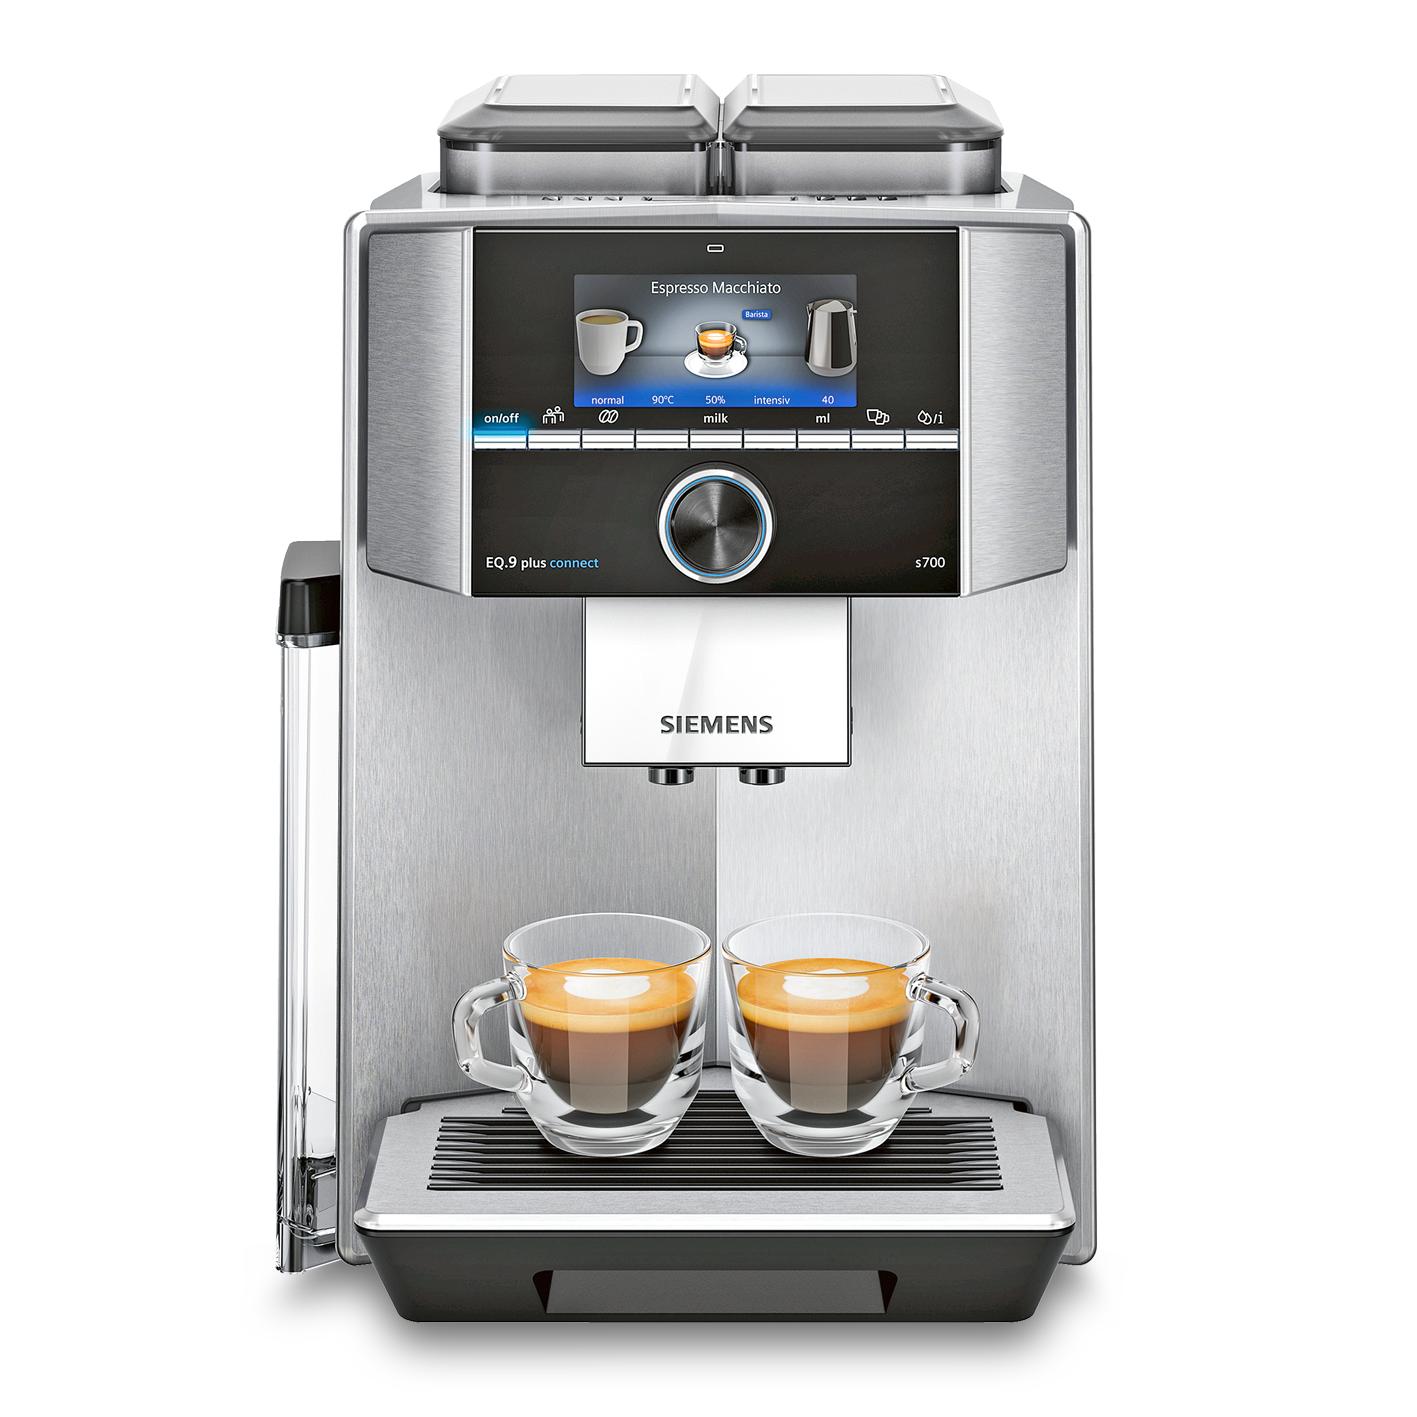 Vorschau: Siemens EQ.9 plus connect s700 Kaffeevollautomat bei MIOMONDO